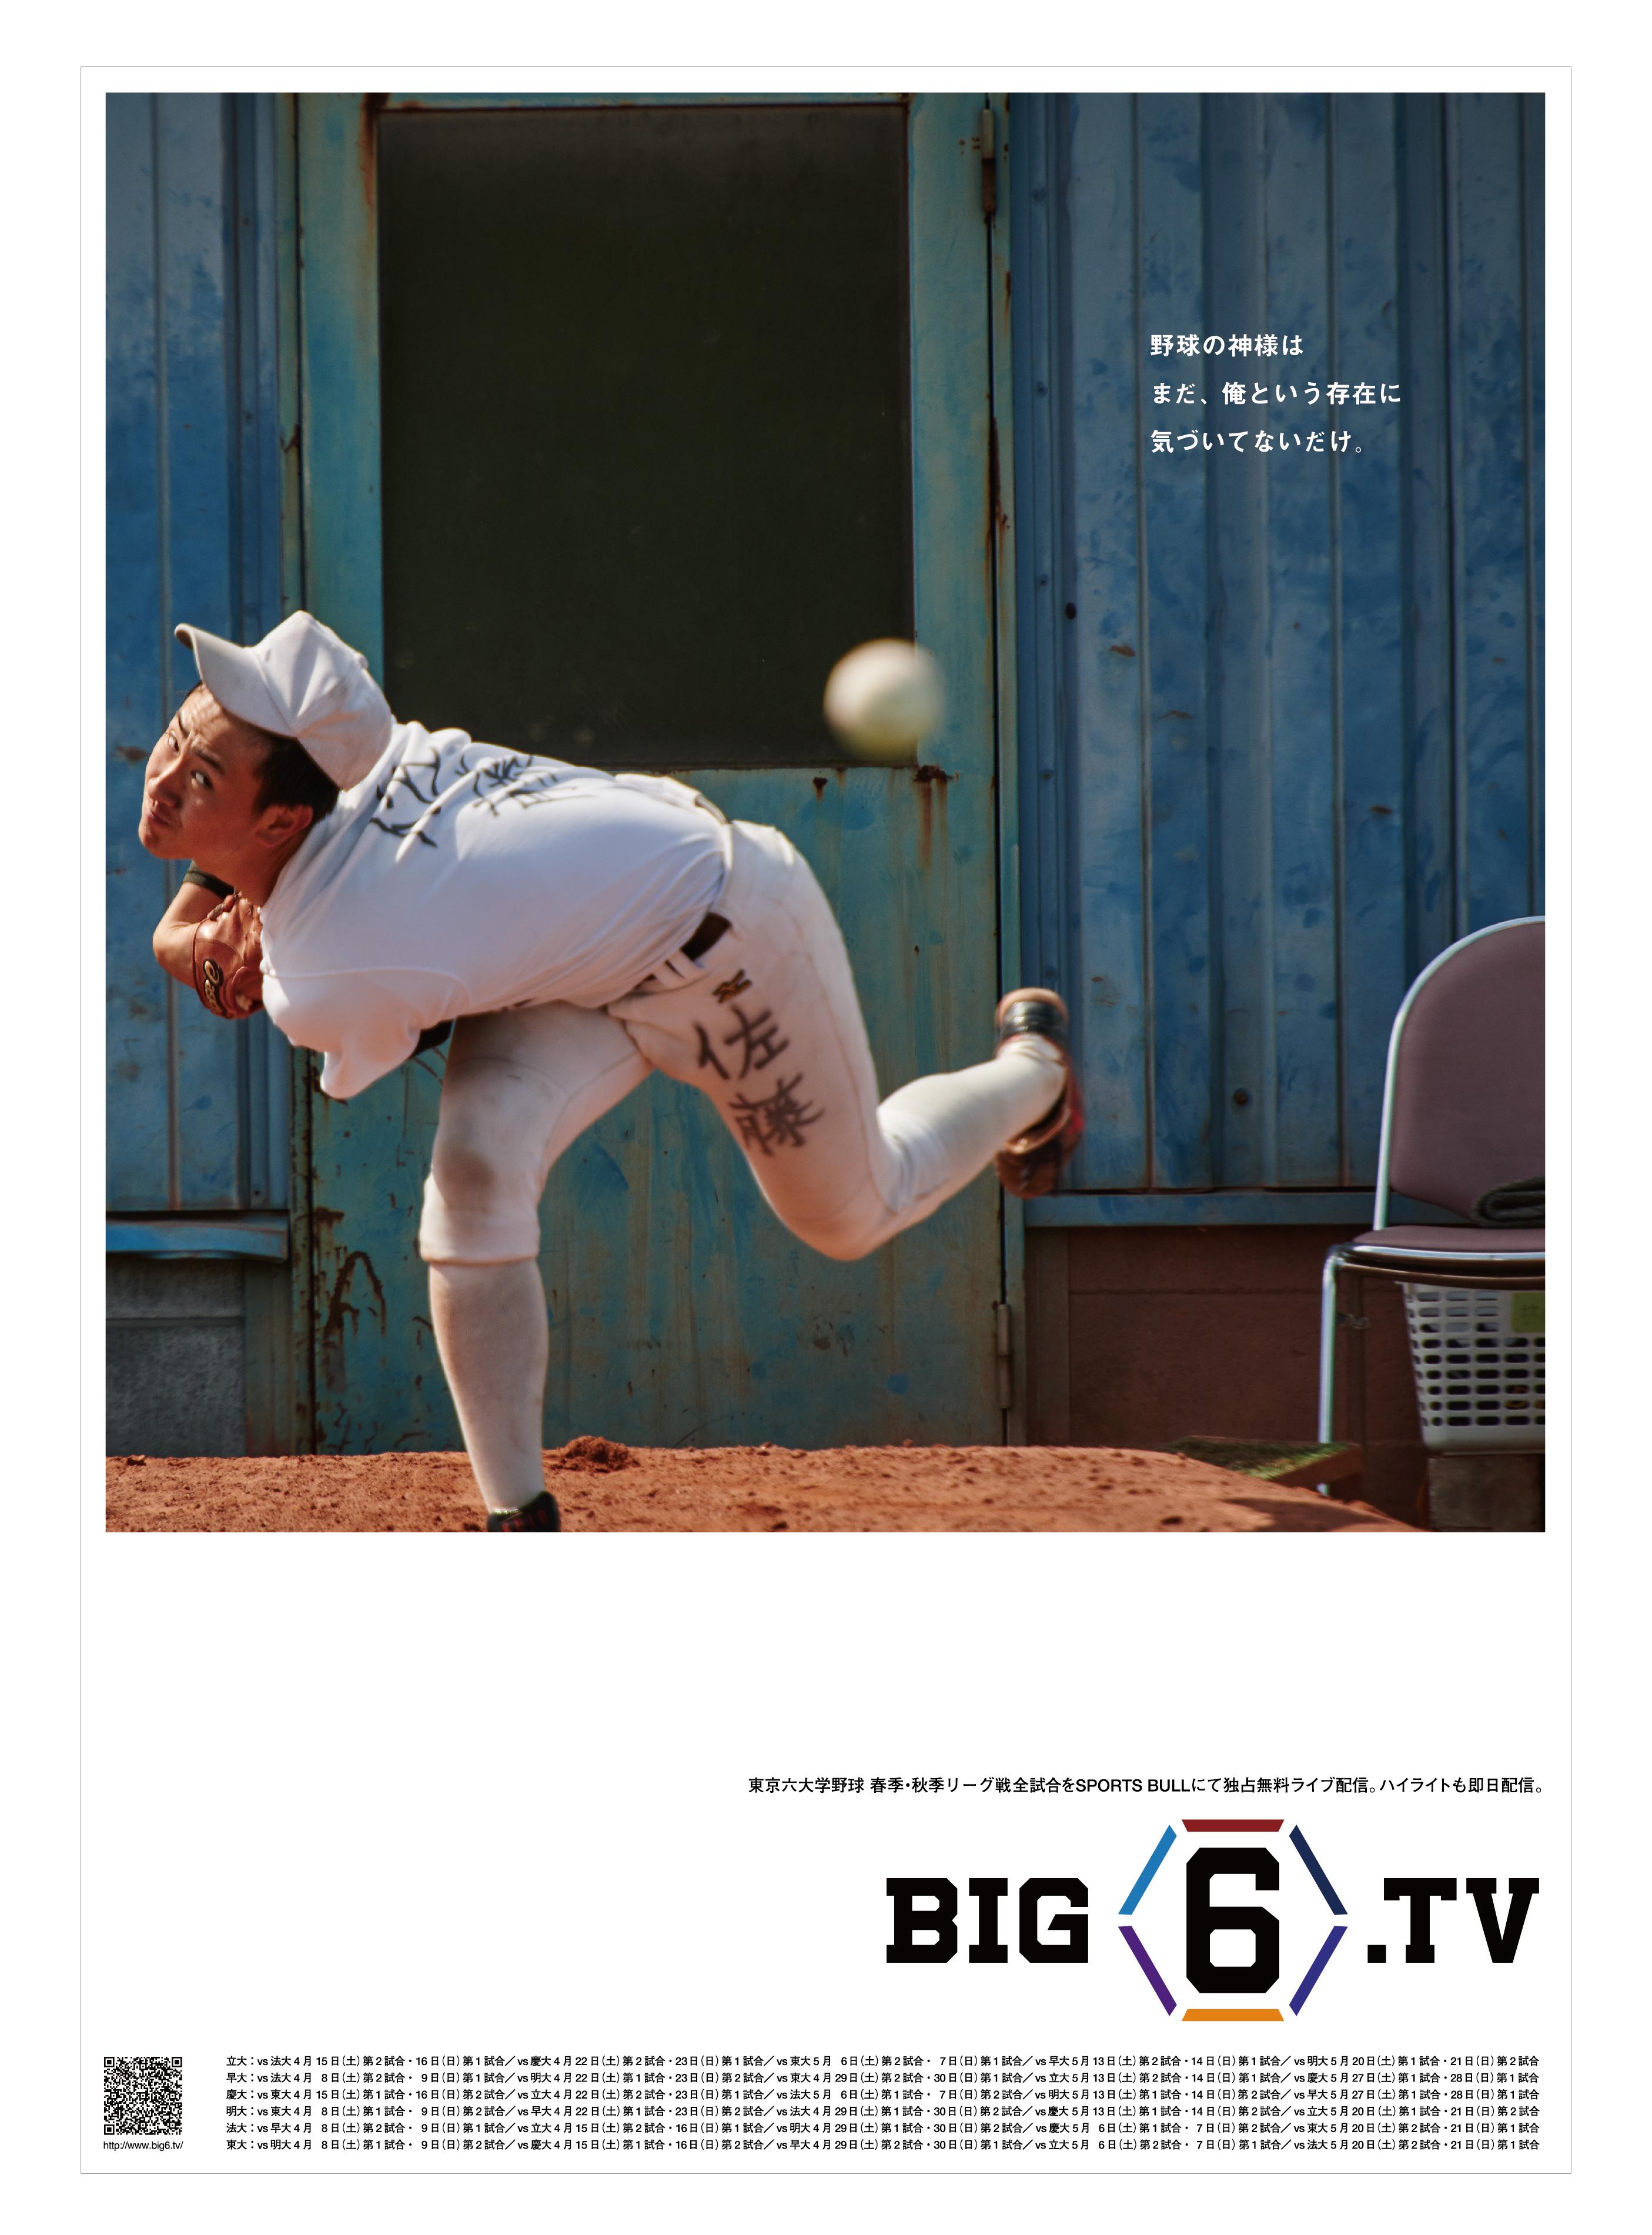 big6-22